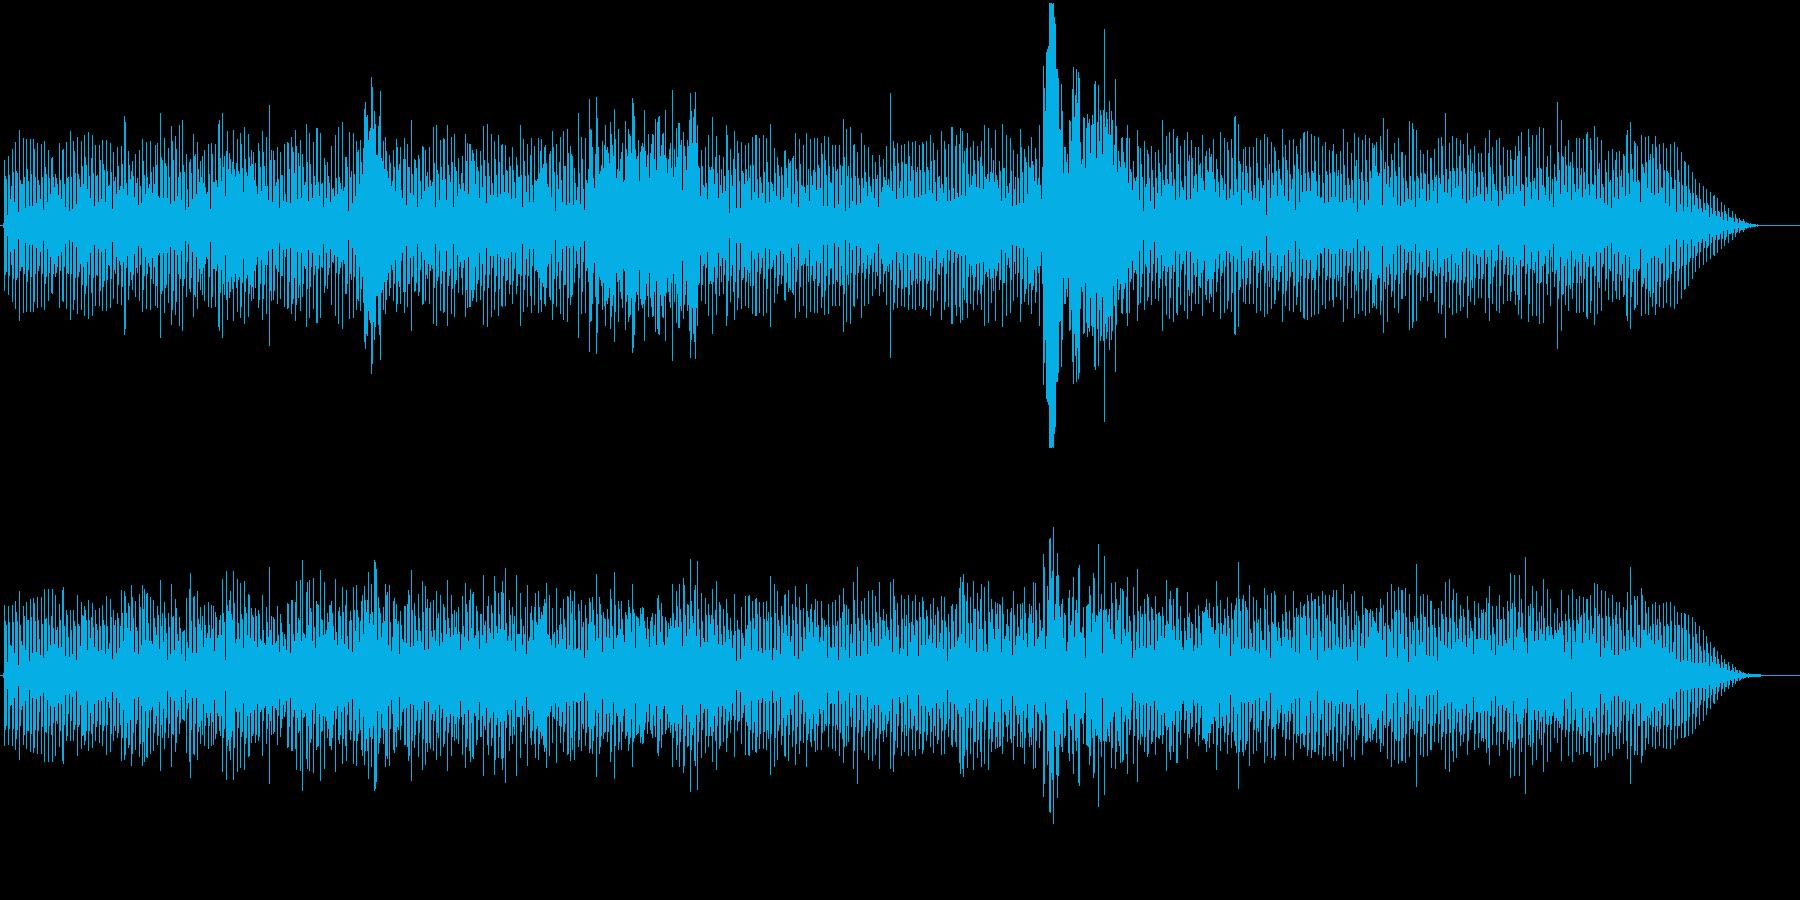 ハリウッド映画の緊迫シーンBGMの再生済みの波形